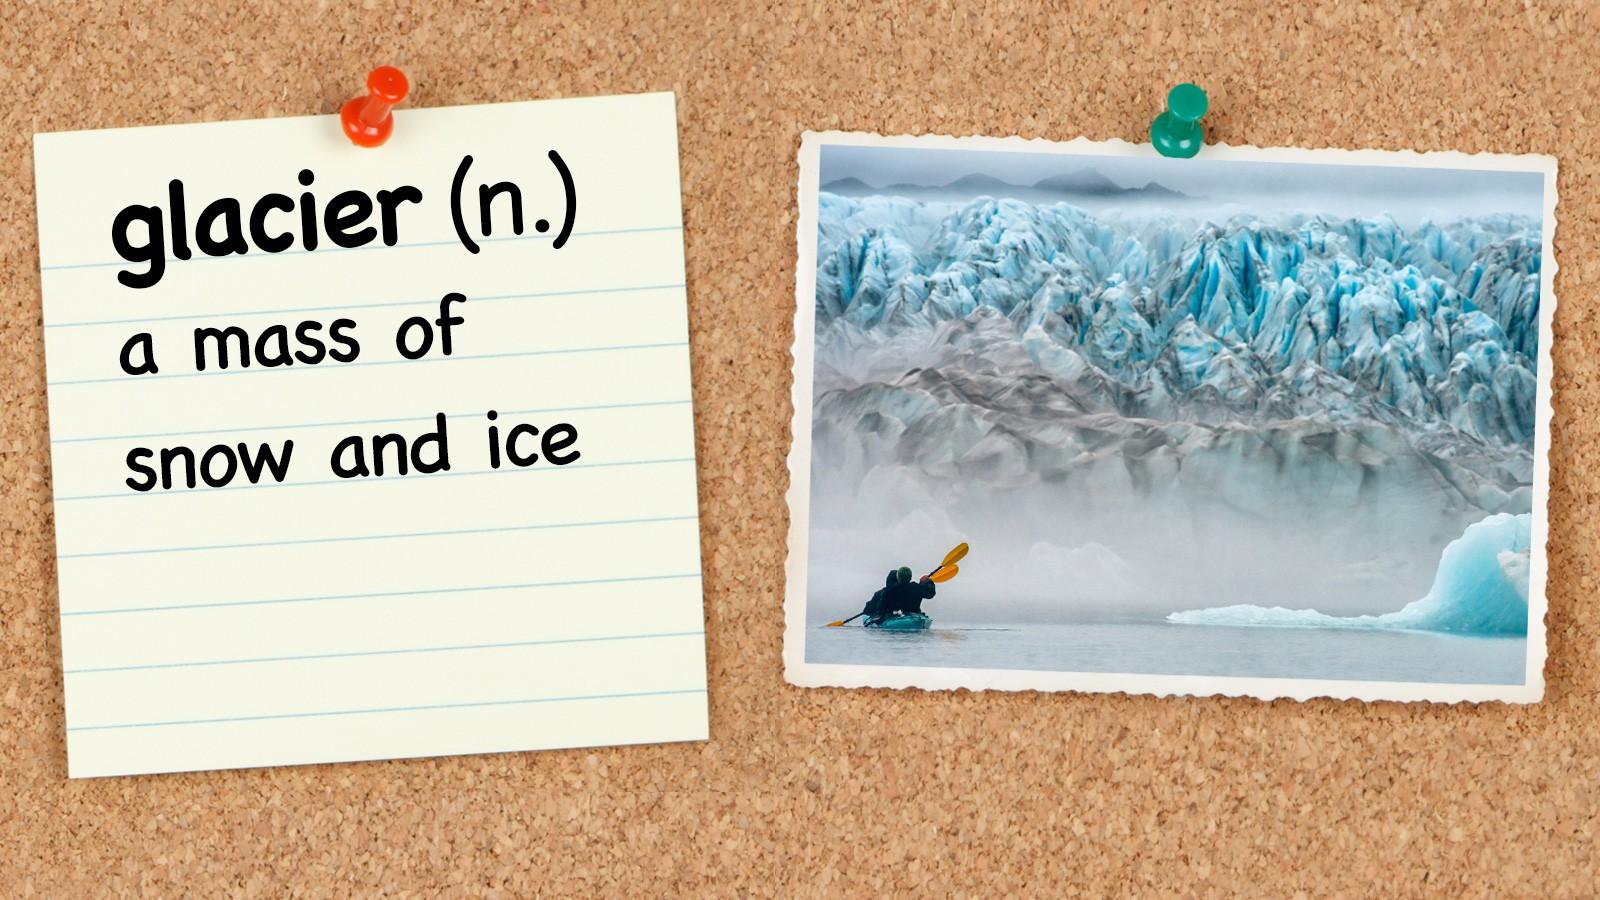 4th grade vocabulary word glacier